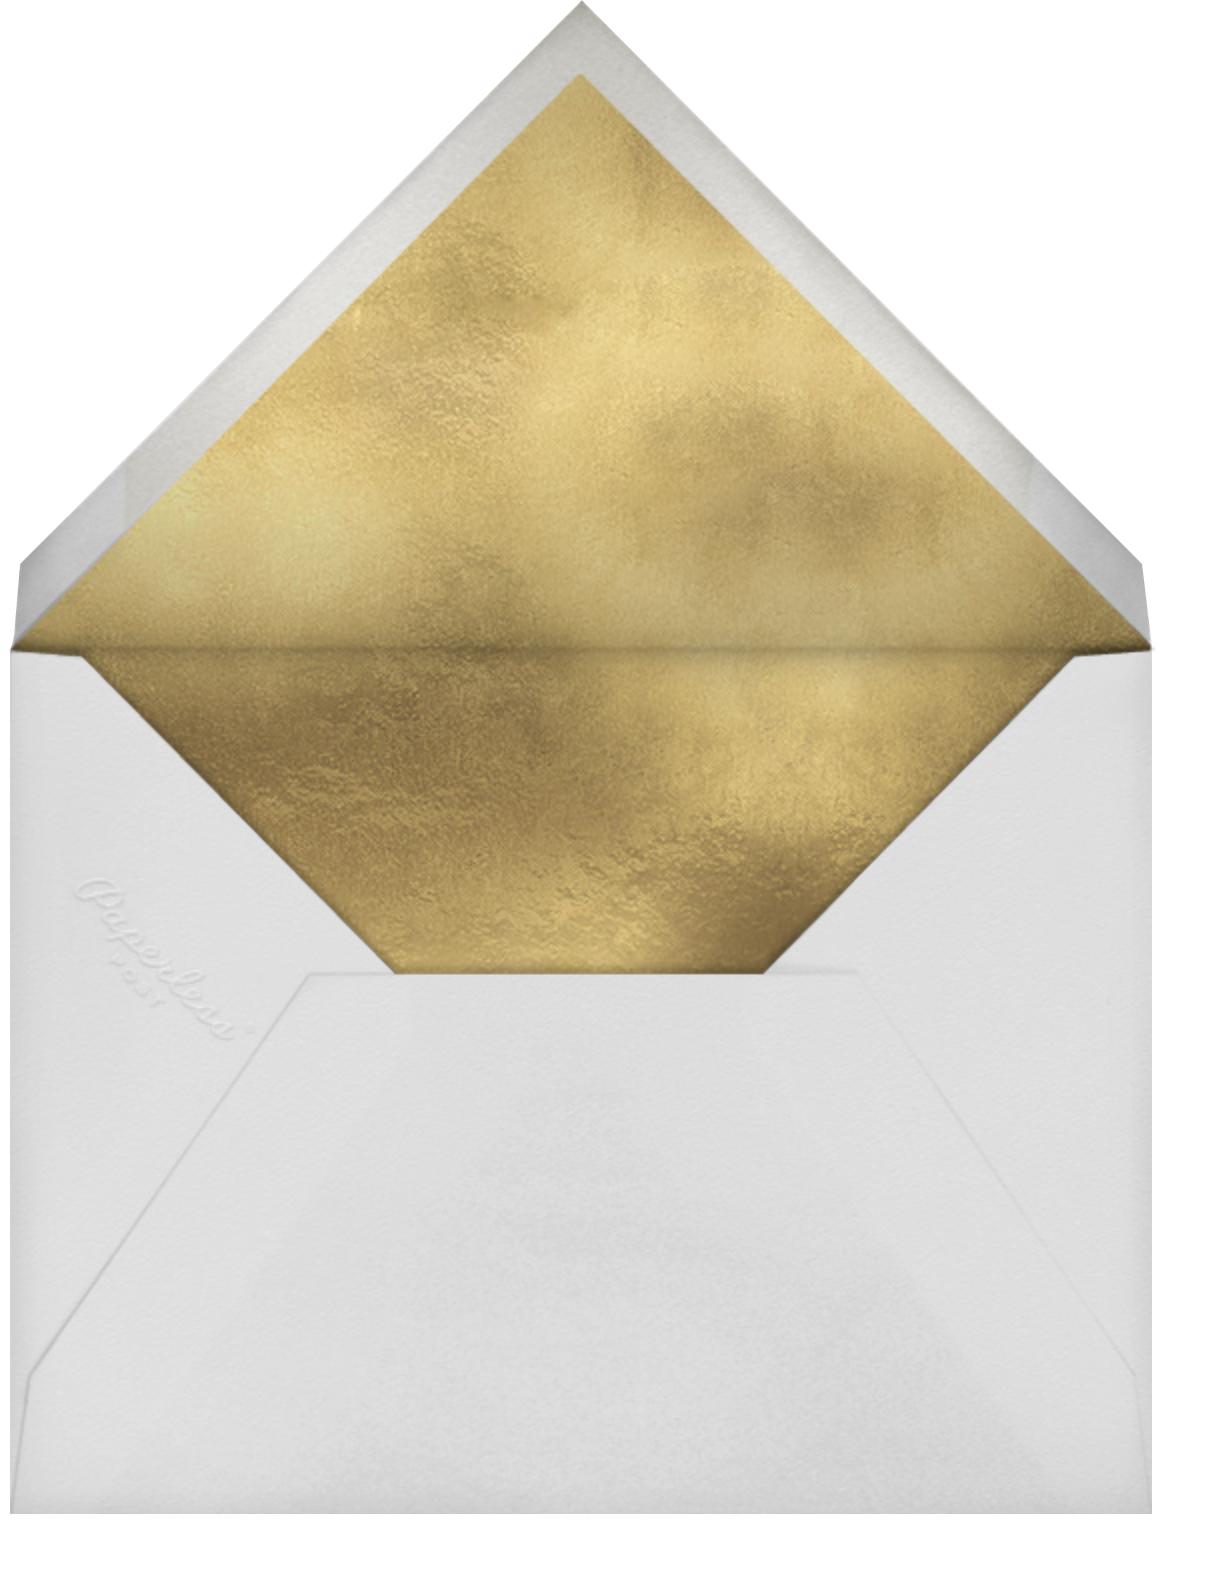 Oliver Park II (Stationery) - Taupe/Gold - kate spade new york - General - envelope back